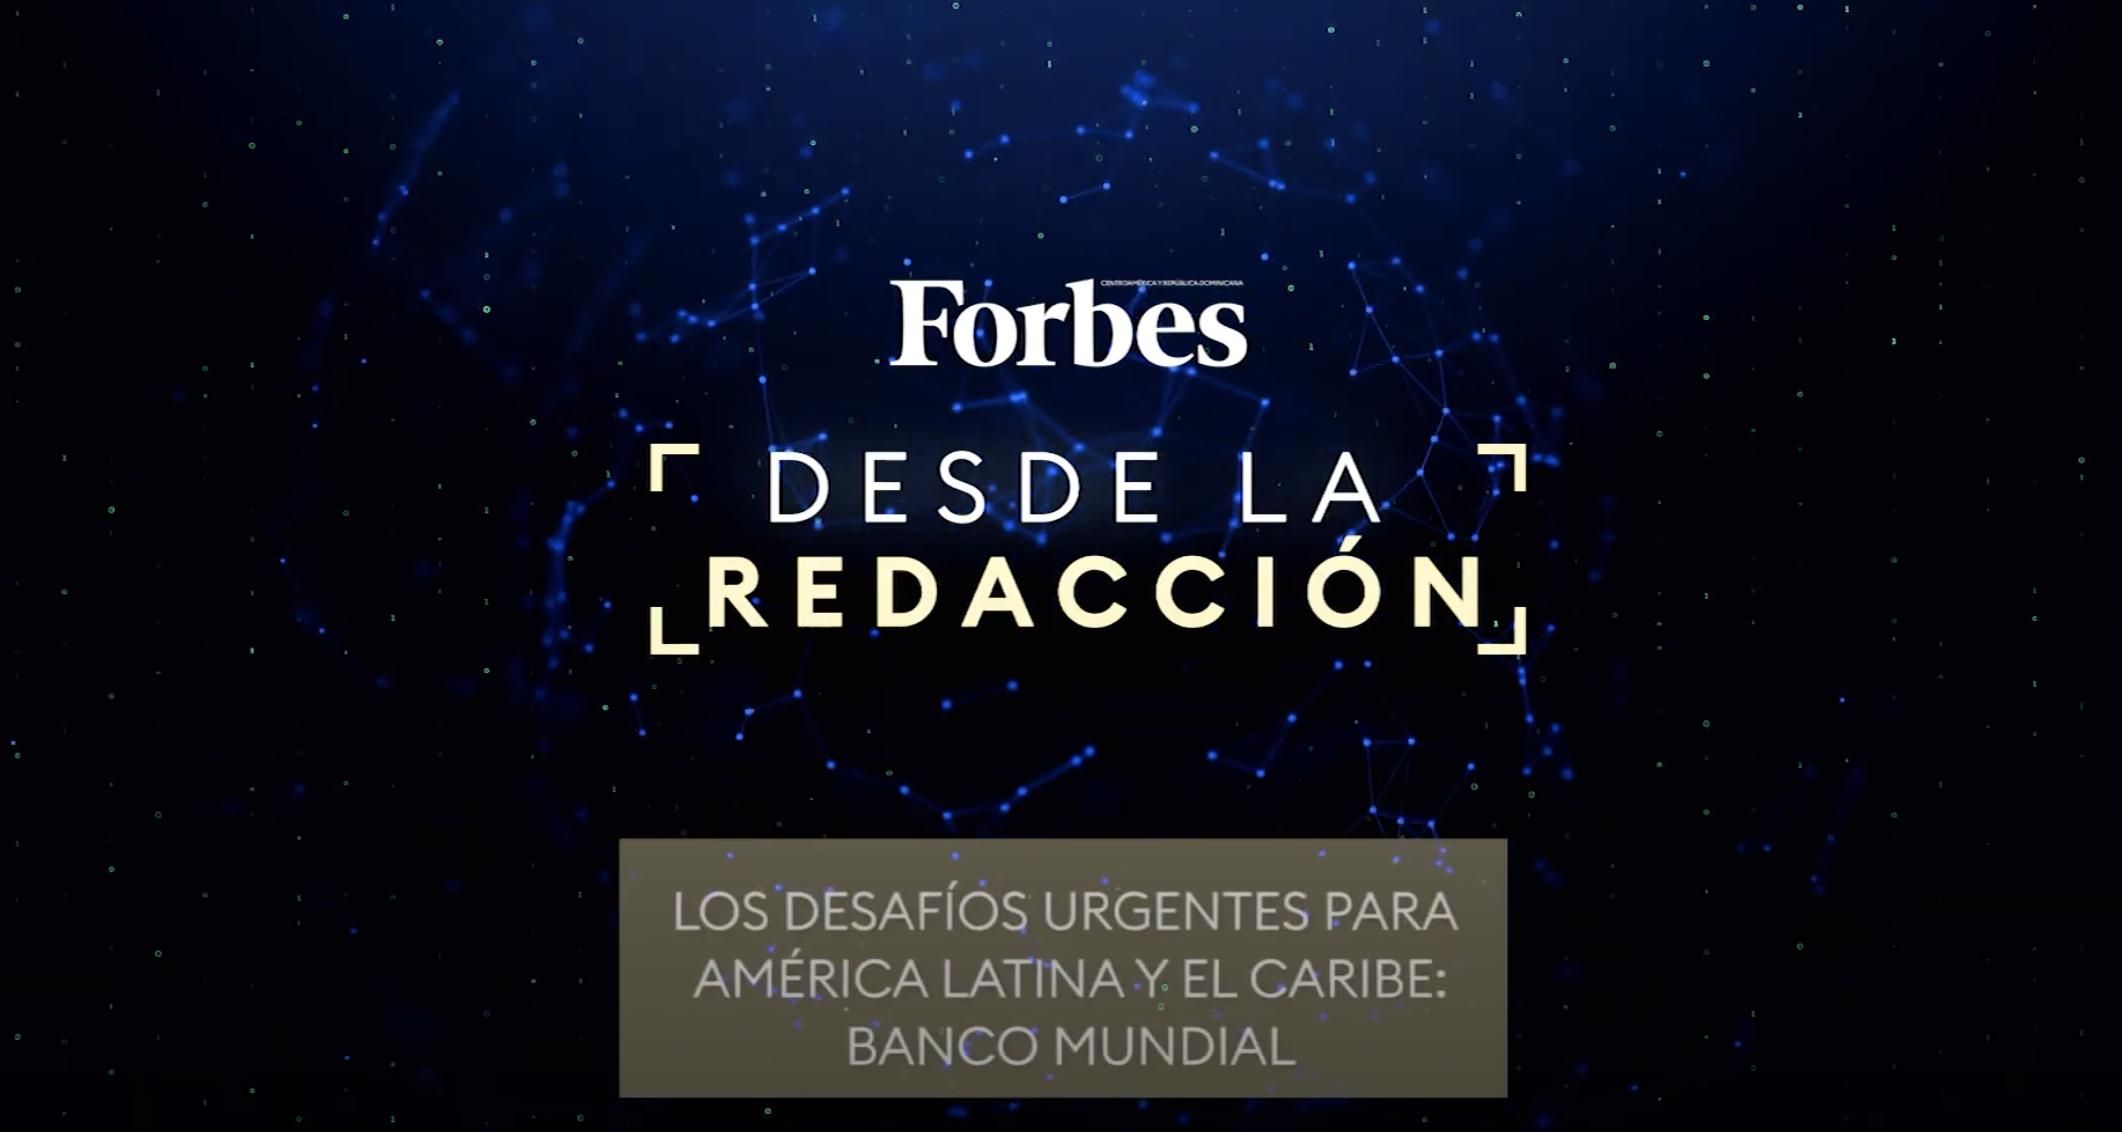 Los desafíos urgentes para América Latina y el Caribe: Banco Mundial